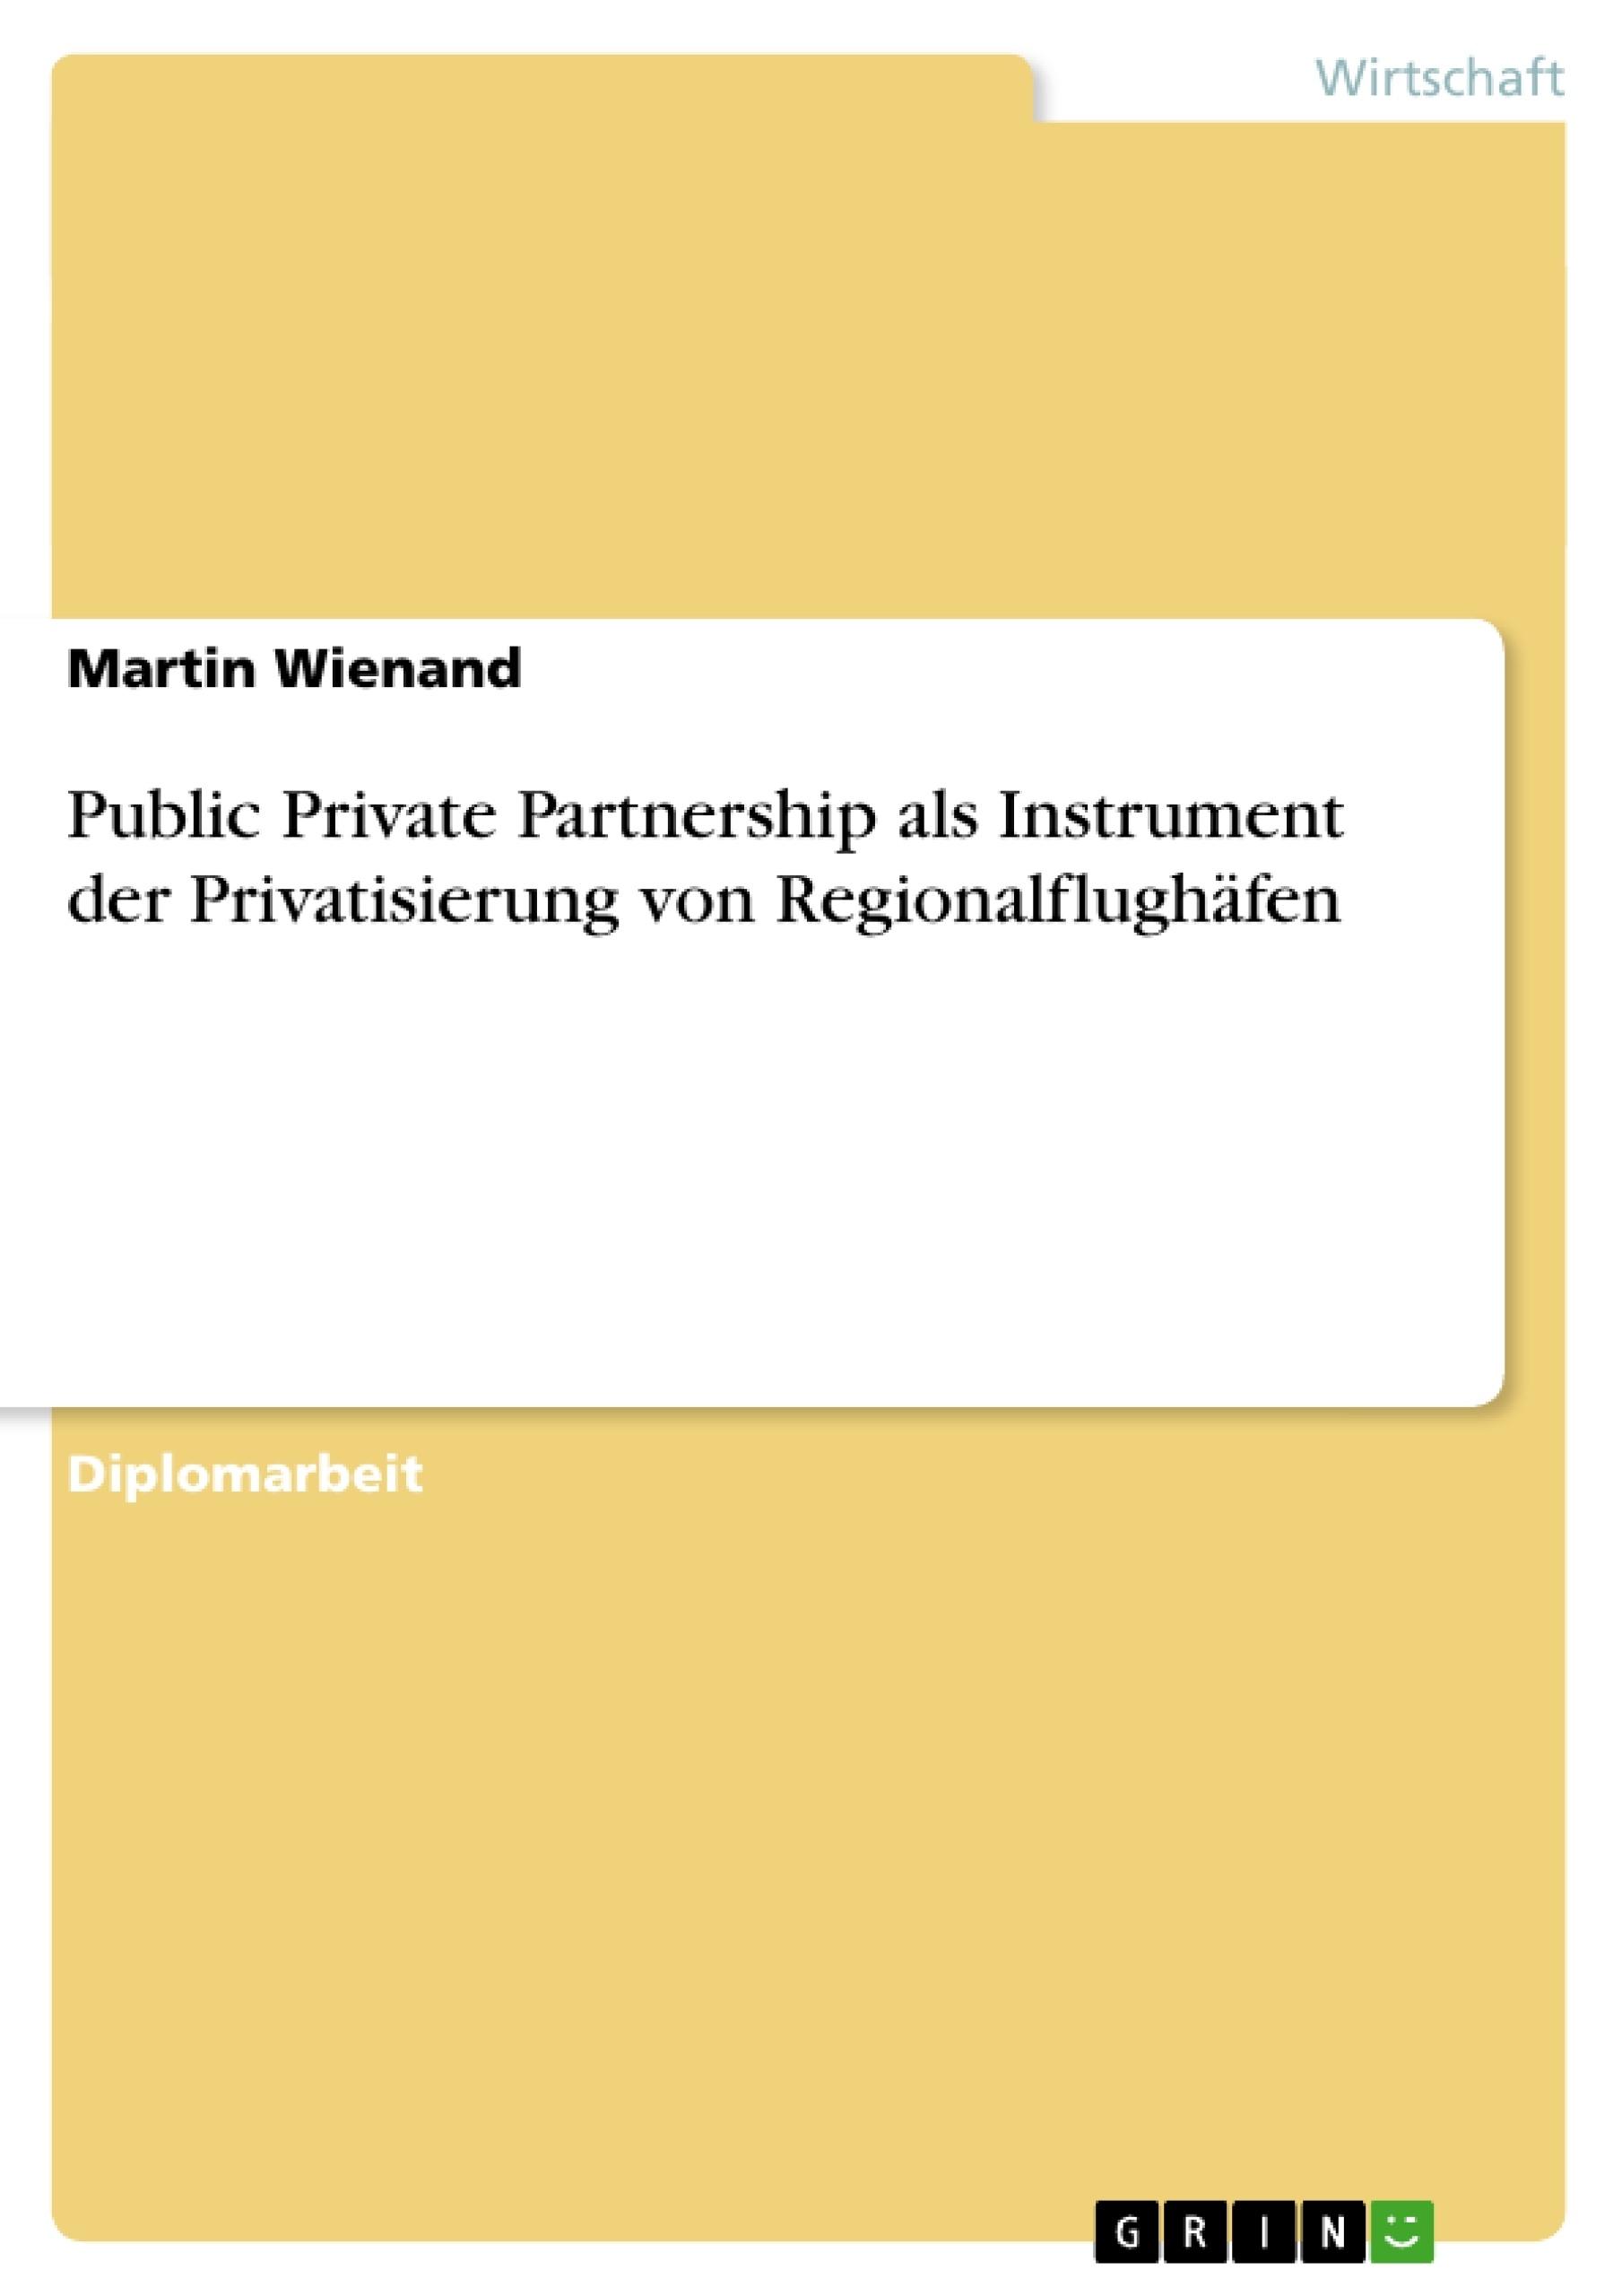 Titel: Public Private Partnership als Instrument der Privatisierung von Regionalflughäfen